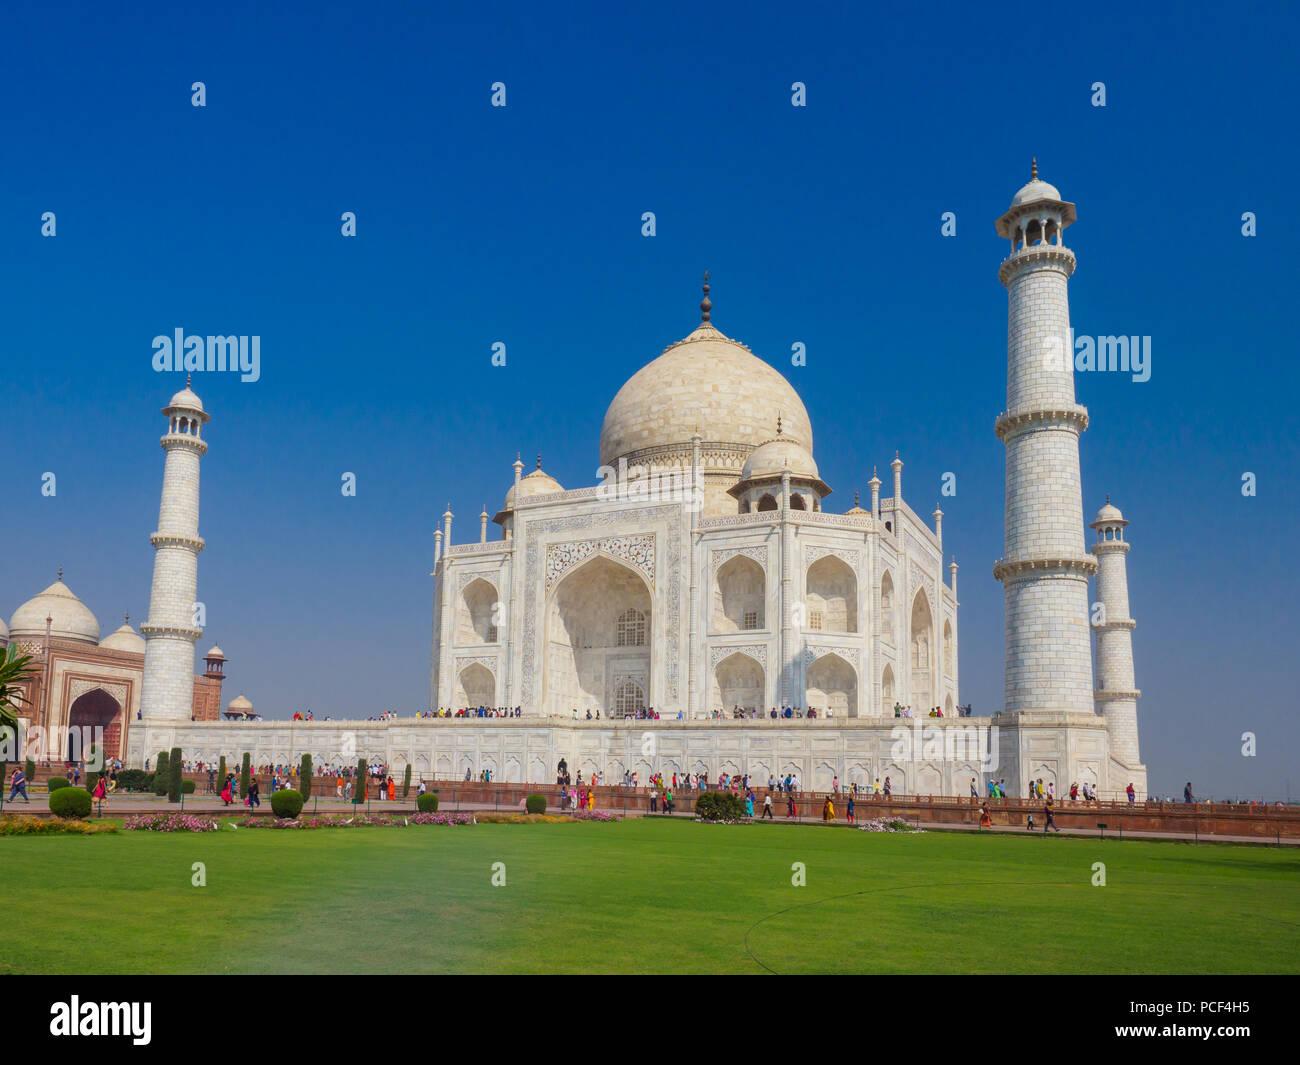 Los turistas que visitan el Taj Mahal, el mausoleo de mármol blanco-marfil en la ciudad de Agra, Uttar Pradesh, India. Imagen De Stock